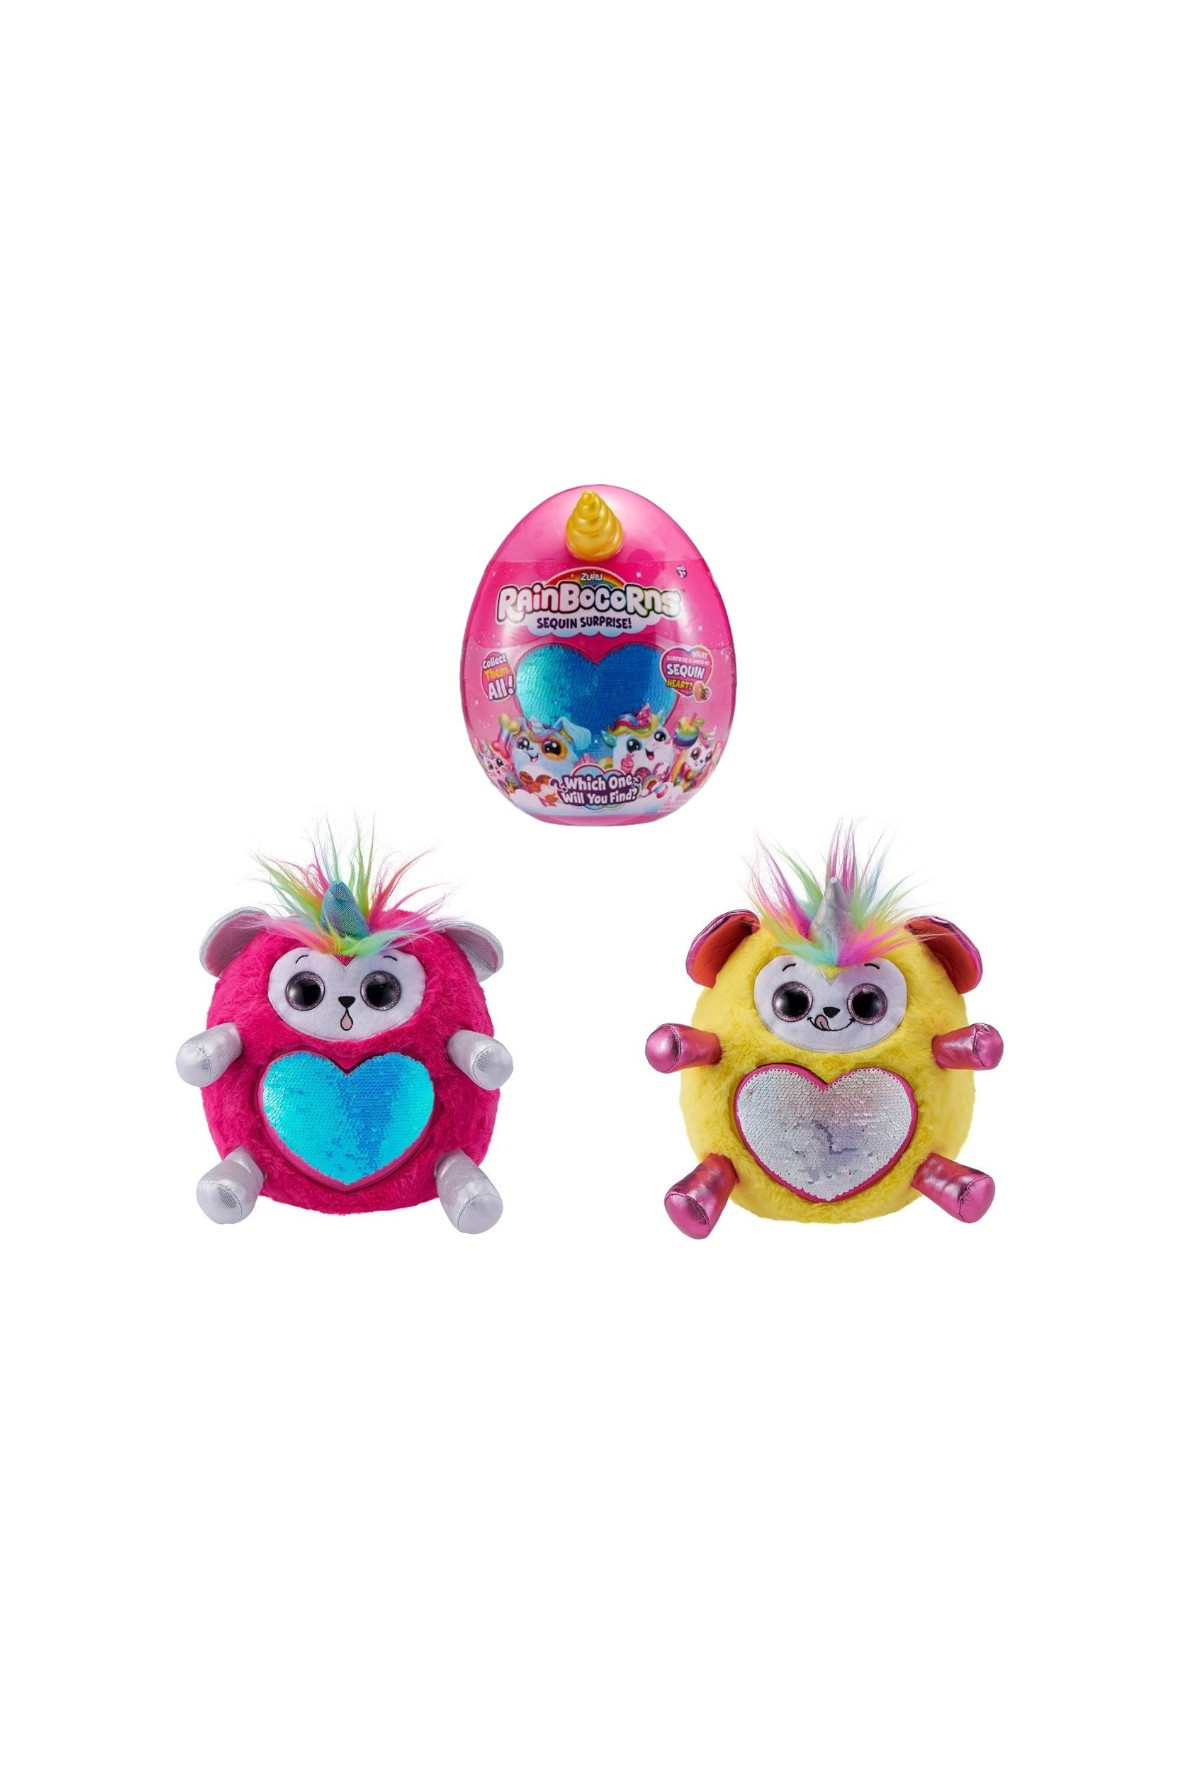 Rainbocorns Małpka- jajko niespodzianka